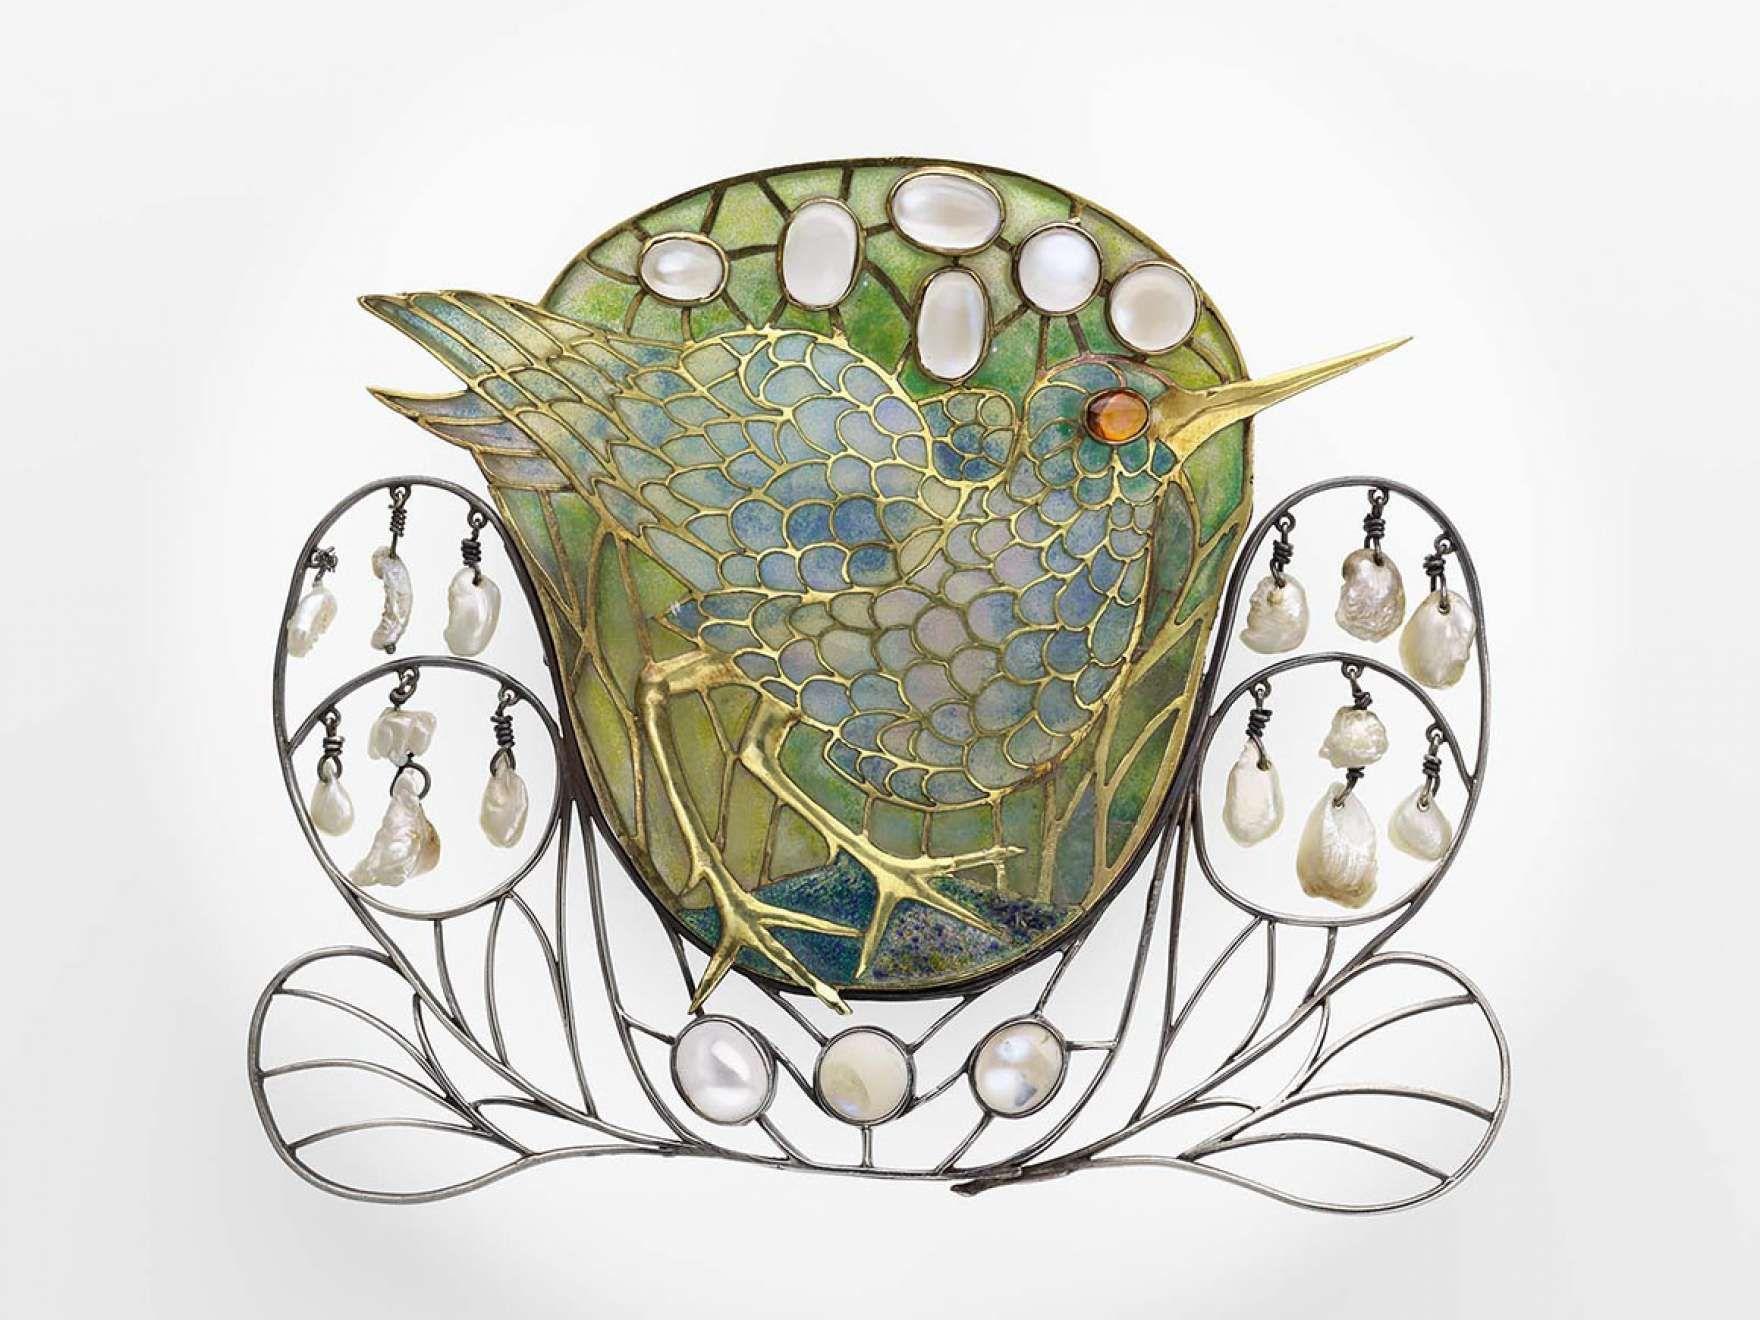 Marsh-bird brooch